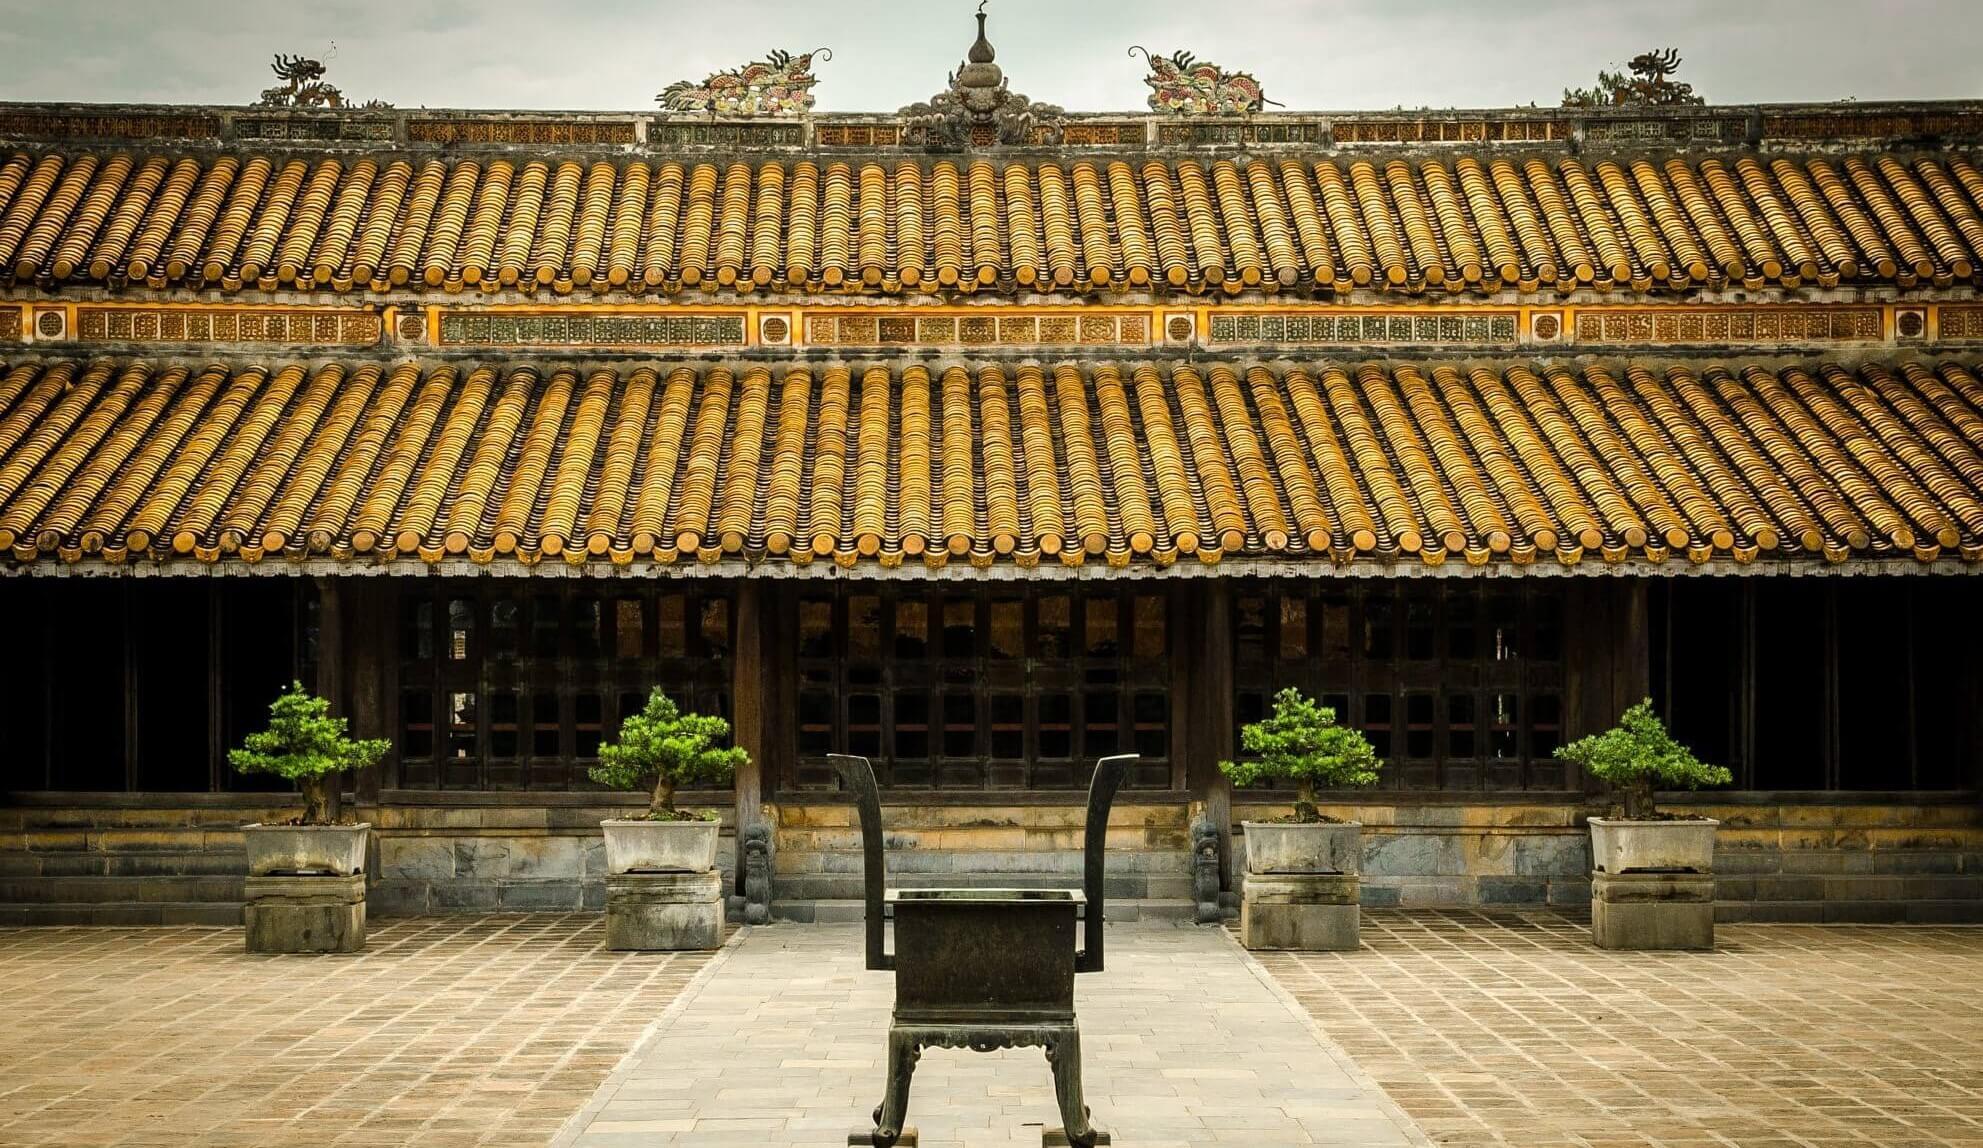 Lăng gồm hai phần chính là khu vực tẩm điện và lăng mộ